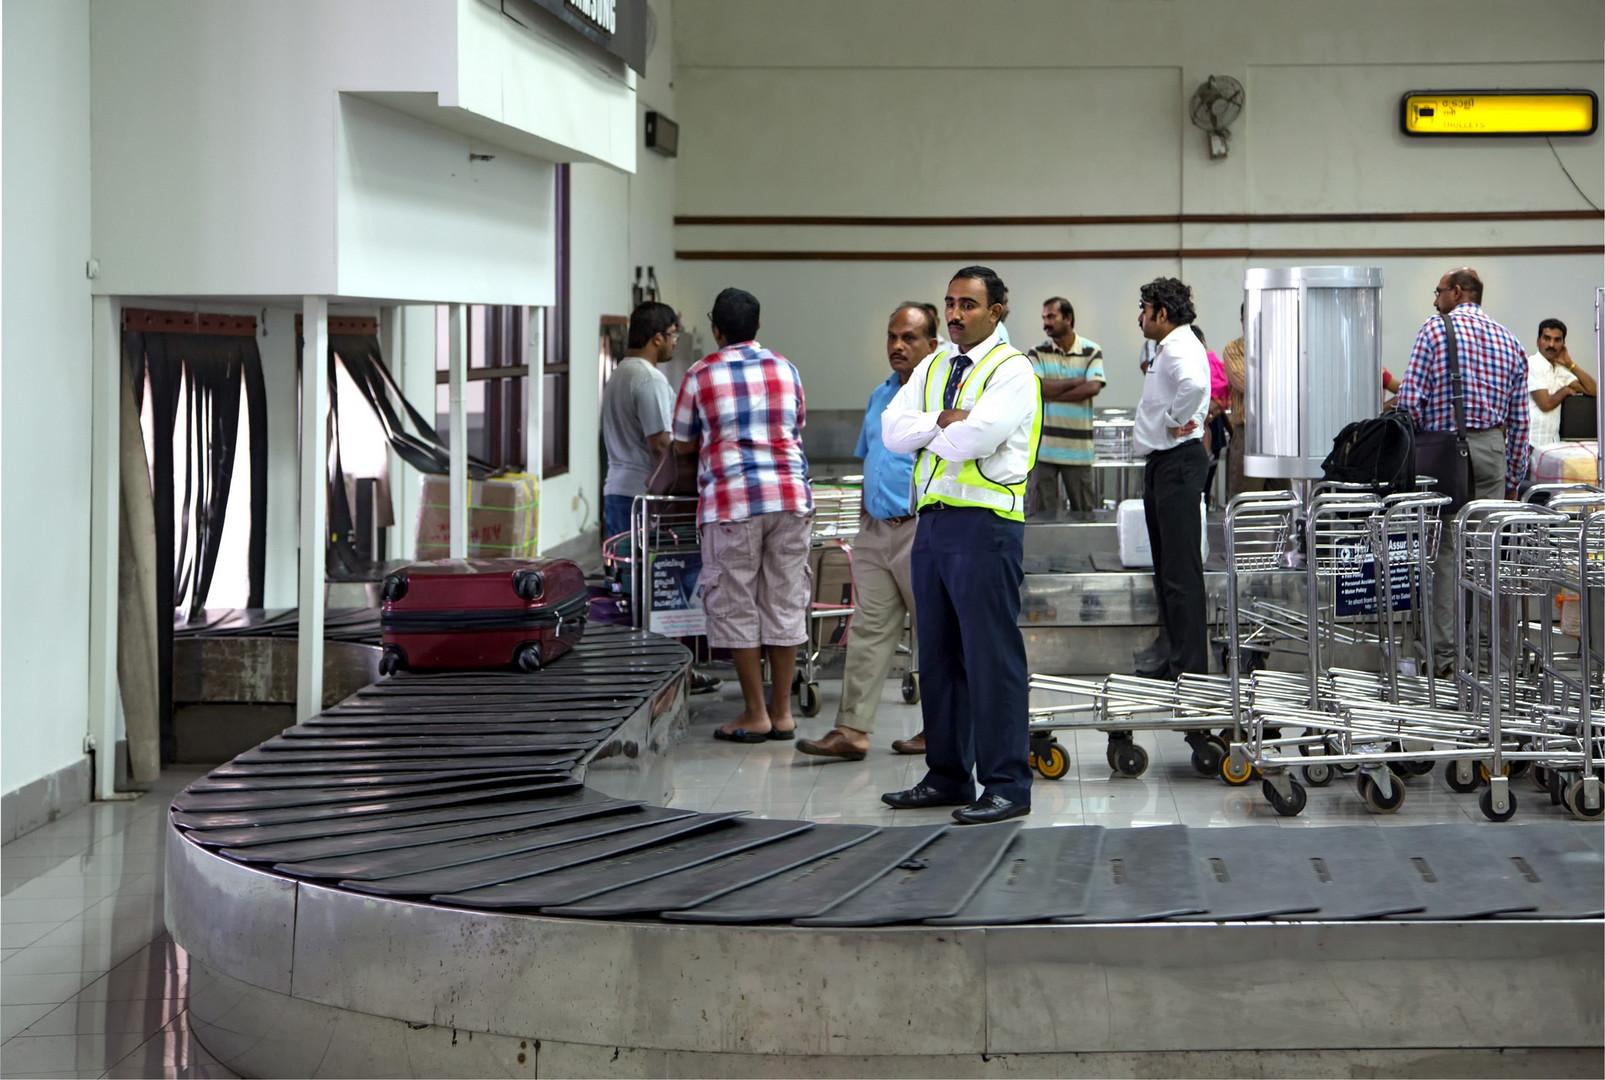 Arrivée à l'aéroport de Cochin